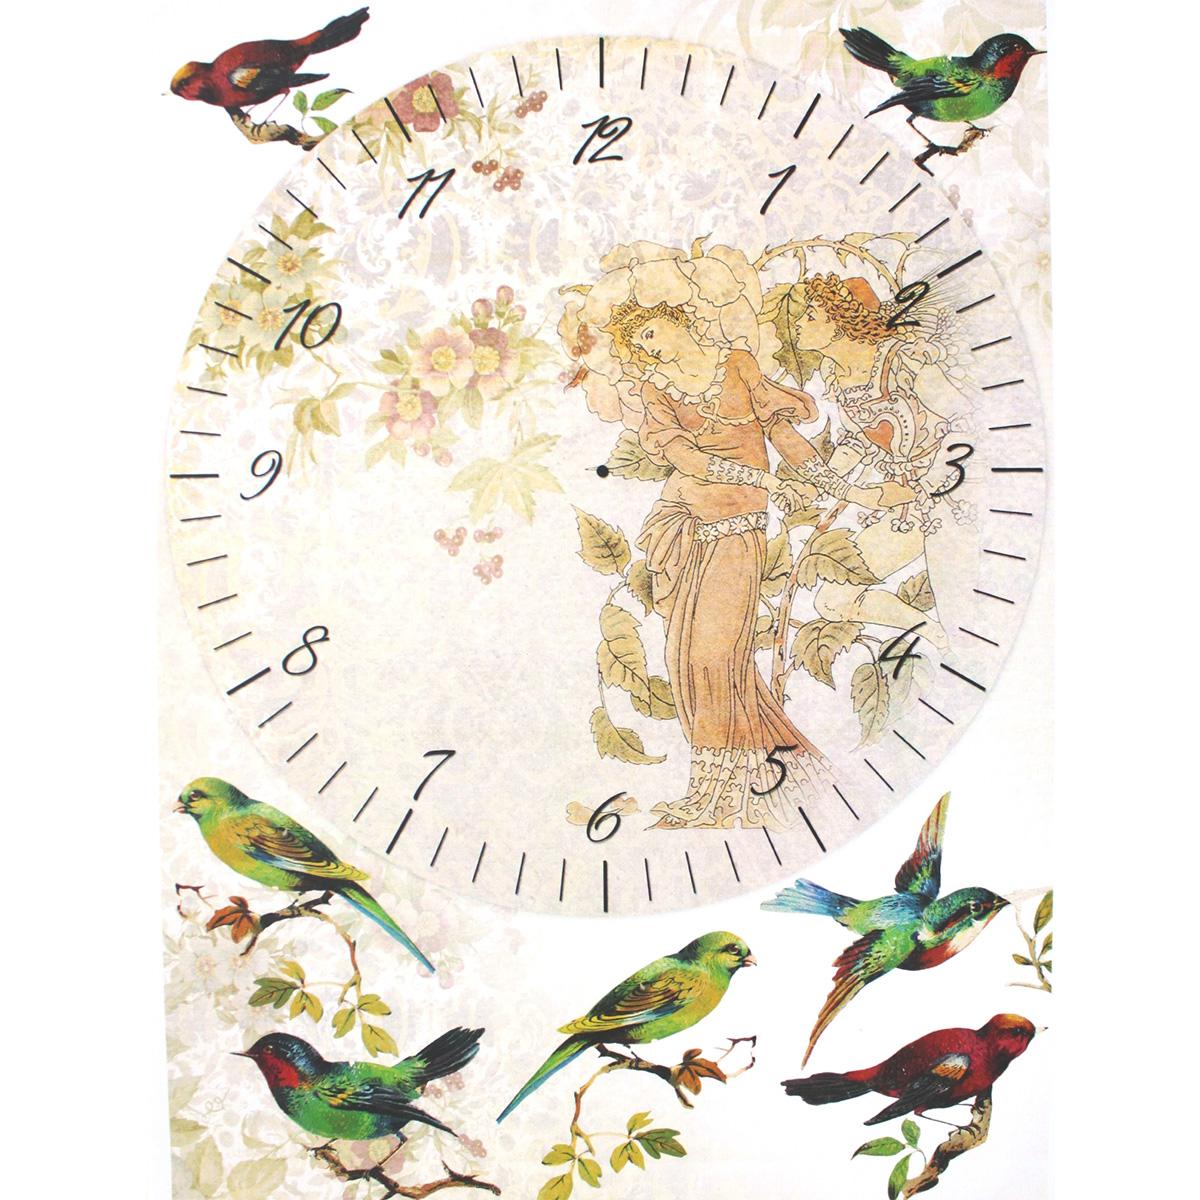 Декупажная карта Freedecor Циферблат с птицами, А4, 70 гр./м.кв. Dk 3090685686_3090циферблатсптицамиДекупажная карта - оригинальная специальная бумага с нанесенным рисунком для использования в технике декупажа. Интересные мотивы, изображенные на бумаге, сделают процесс рукоделия занятным.